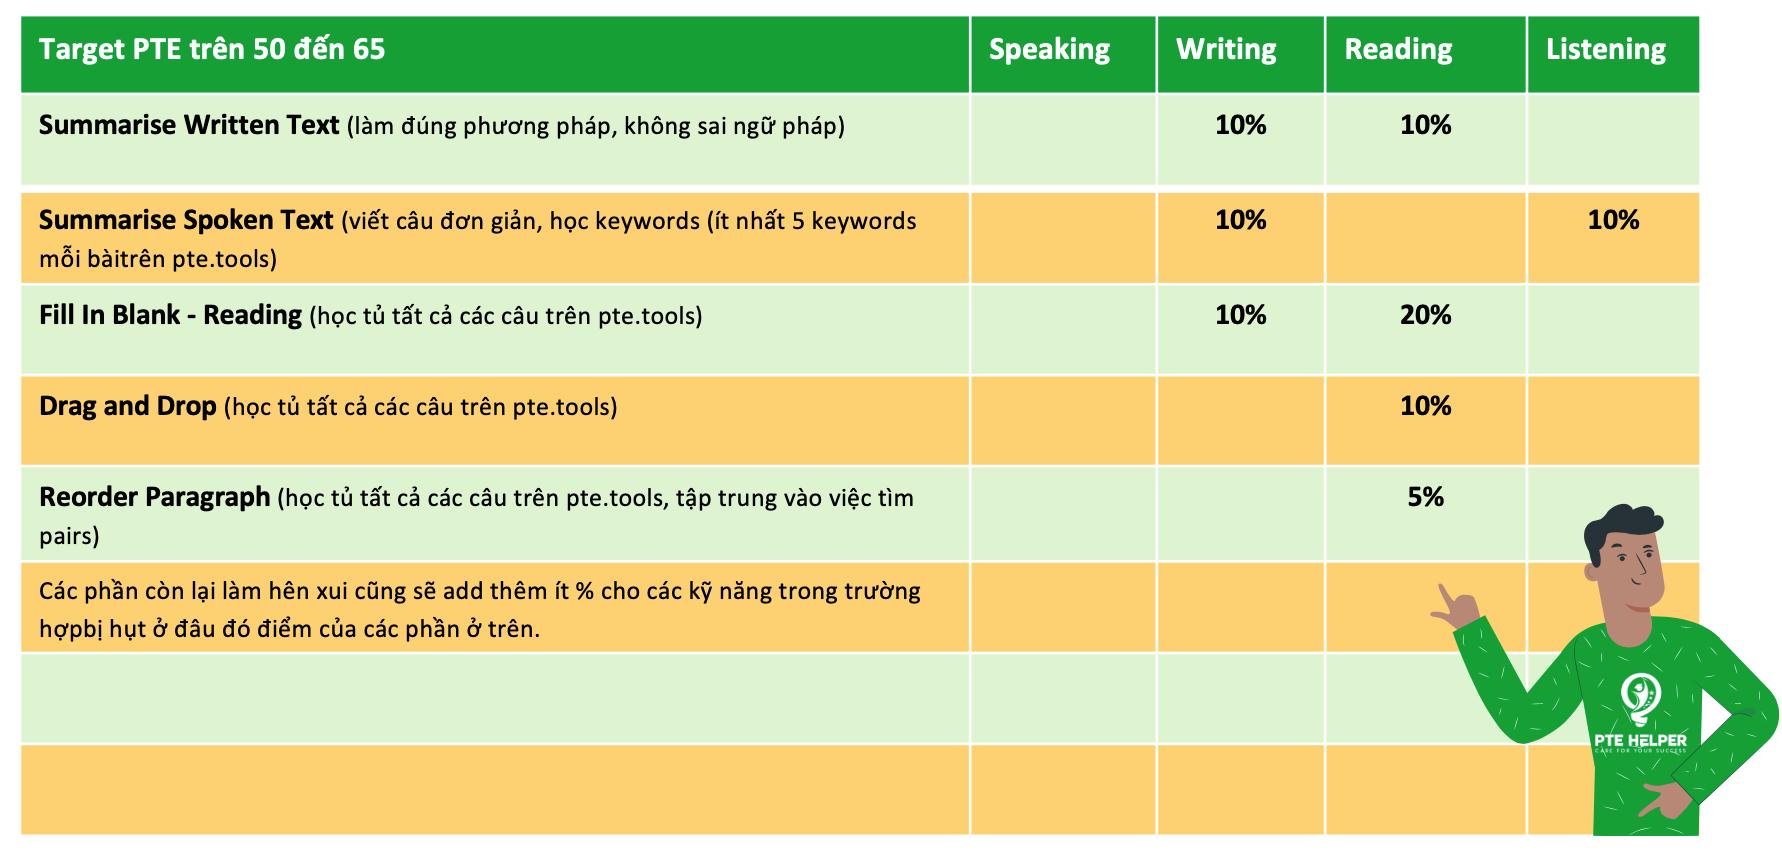 Target PTE trên 50 - 65 cần ưu tiên các phần thi trên khi tự học PTE